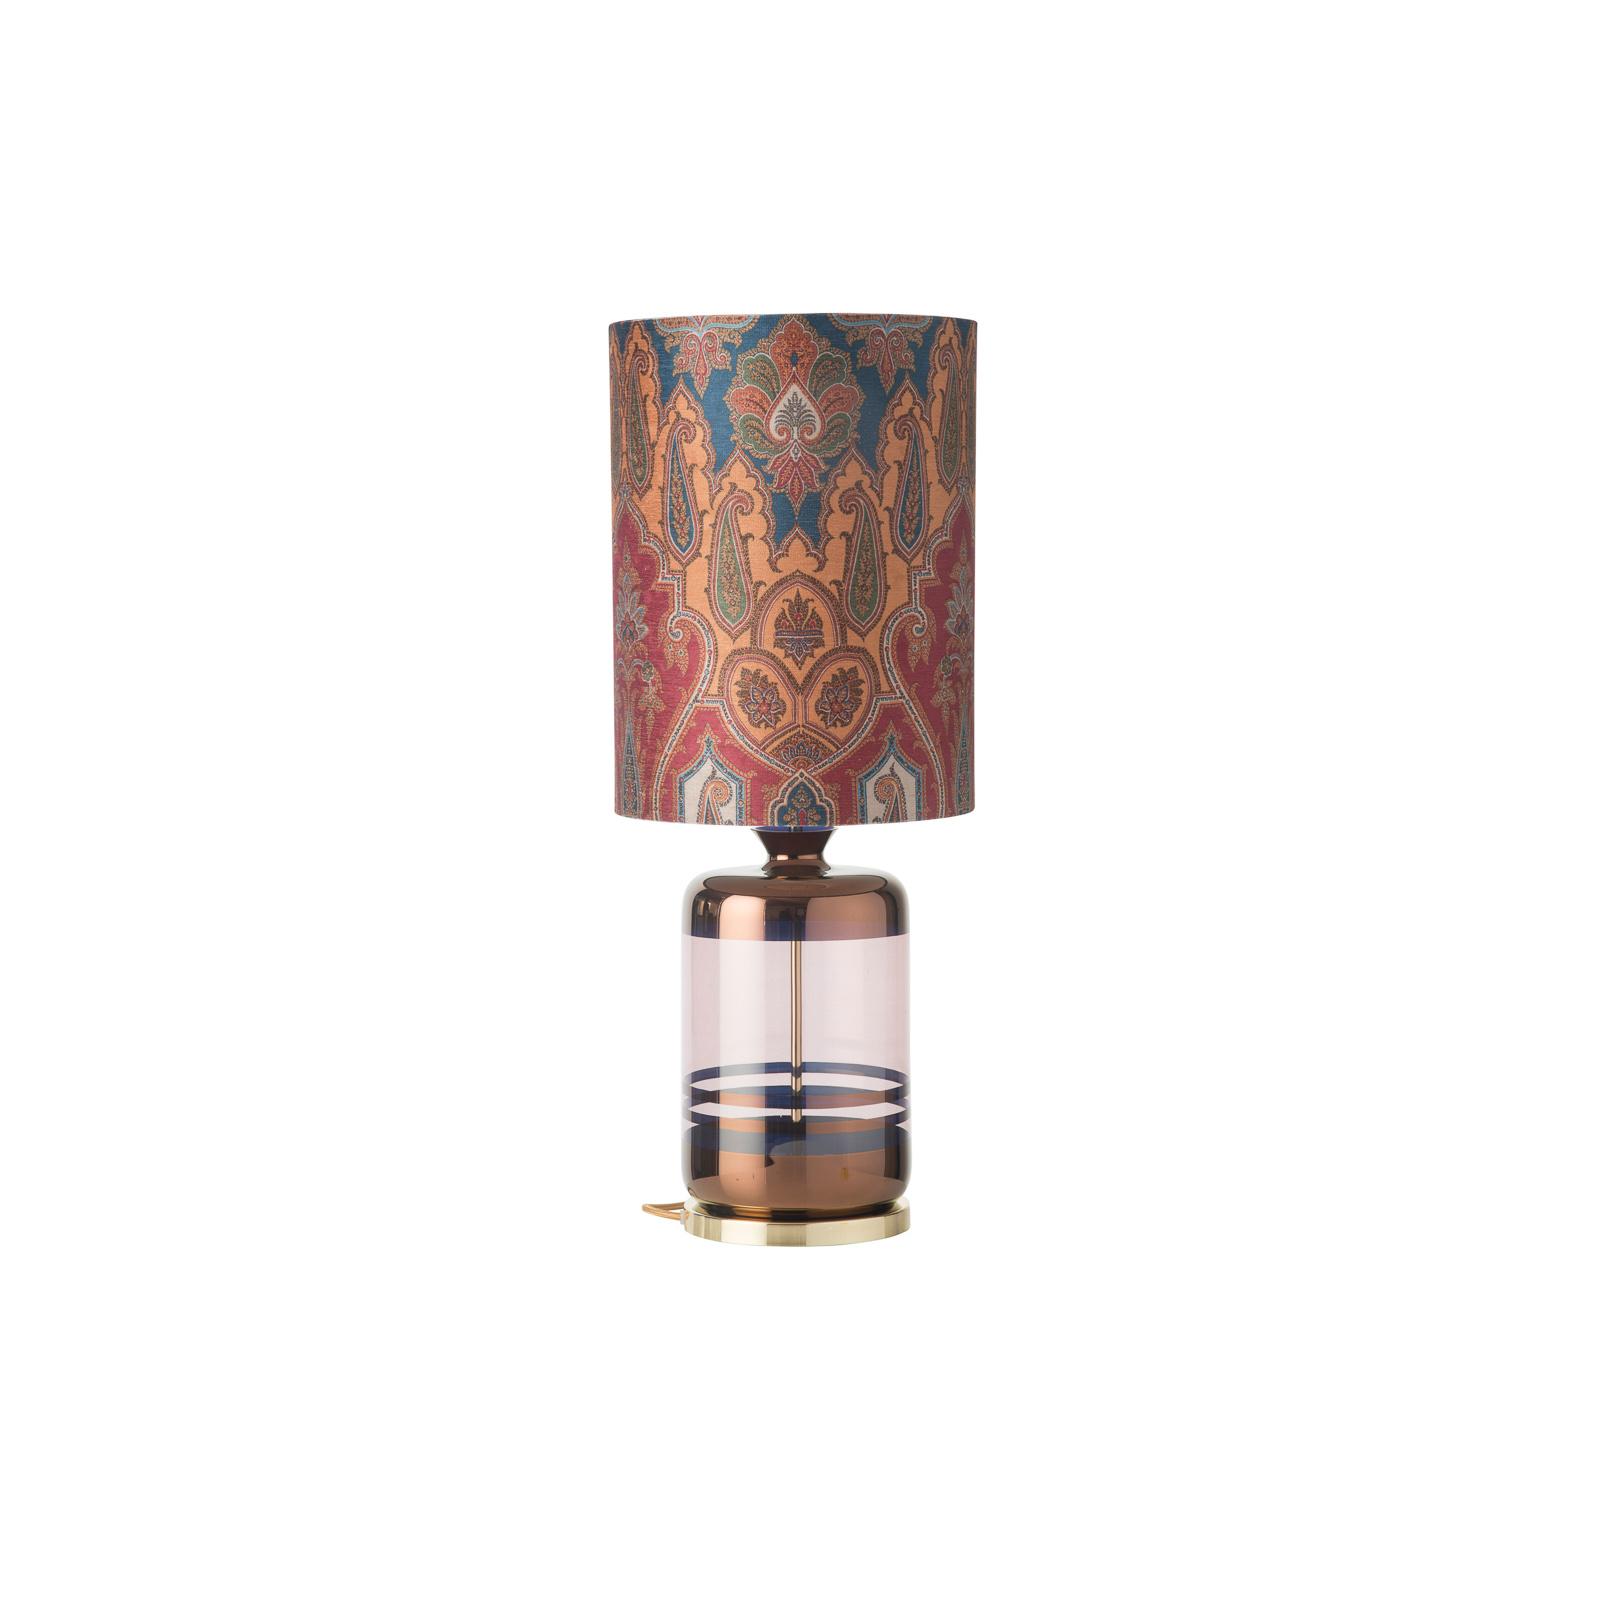 EBB & FLOW Pillar Tischlampe, Brocade blue/red